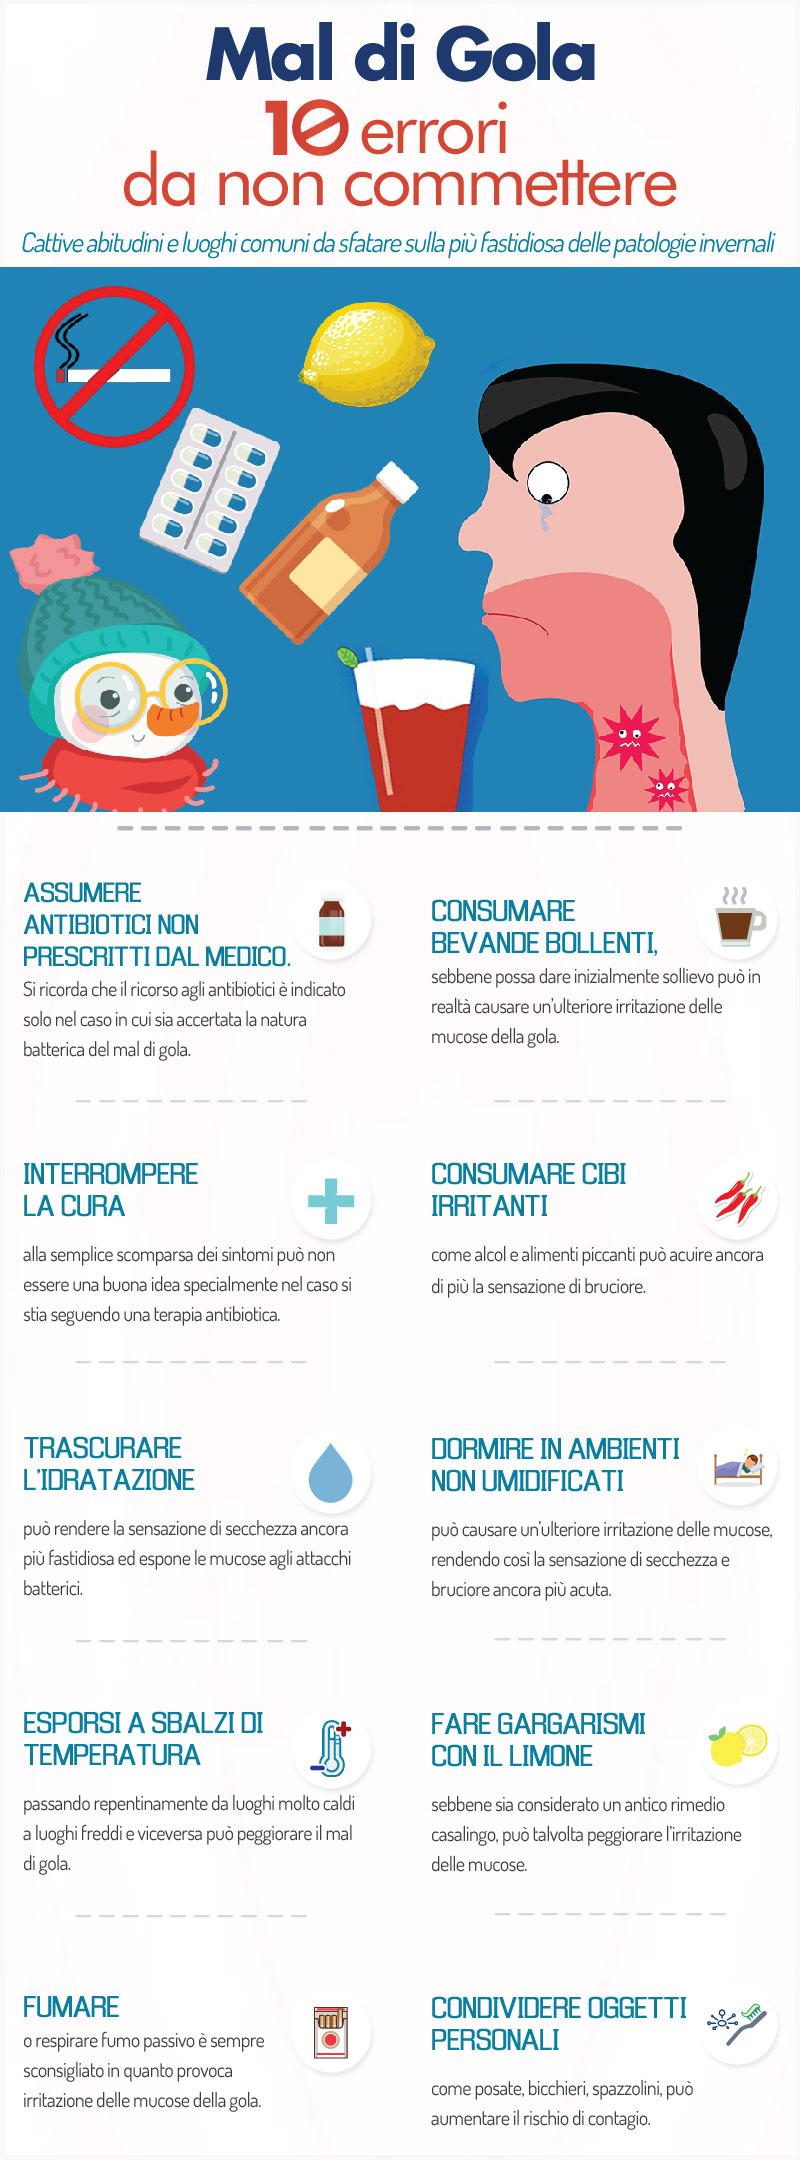 infografica_mal_di_gola farmacia cannone vomero